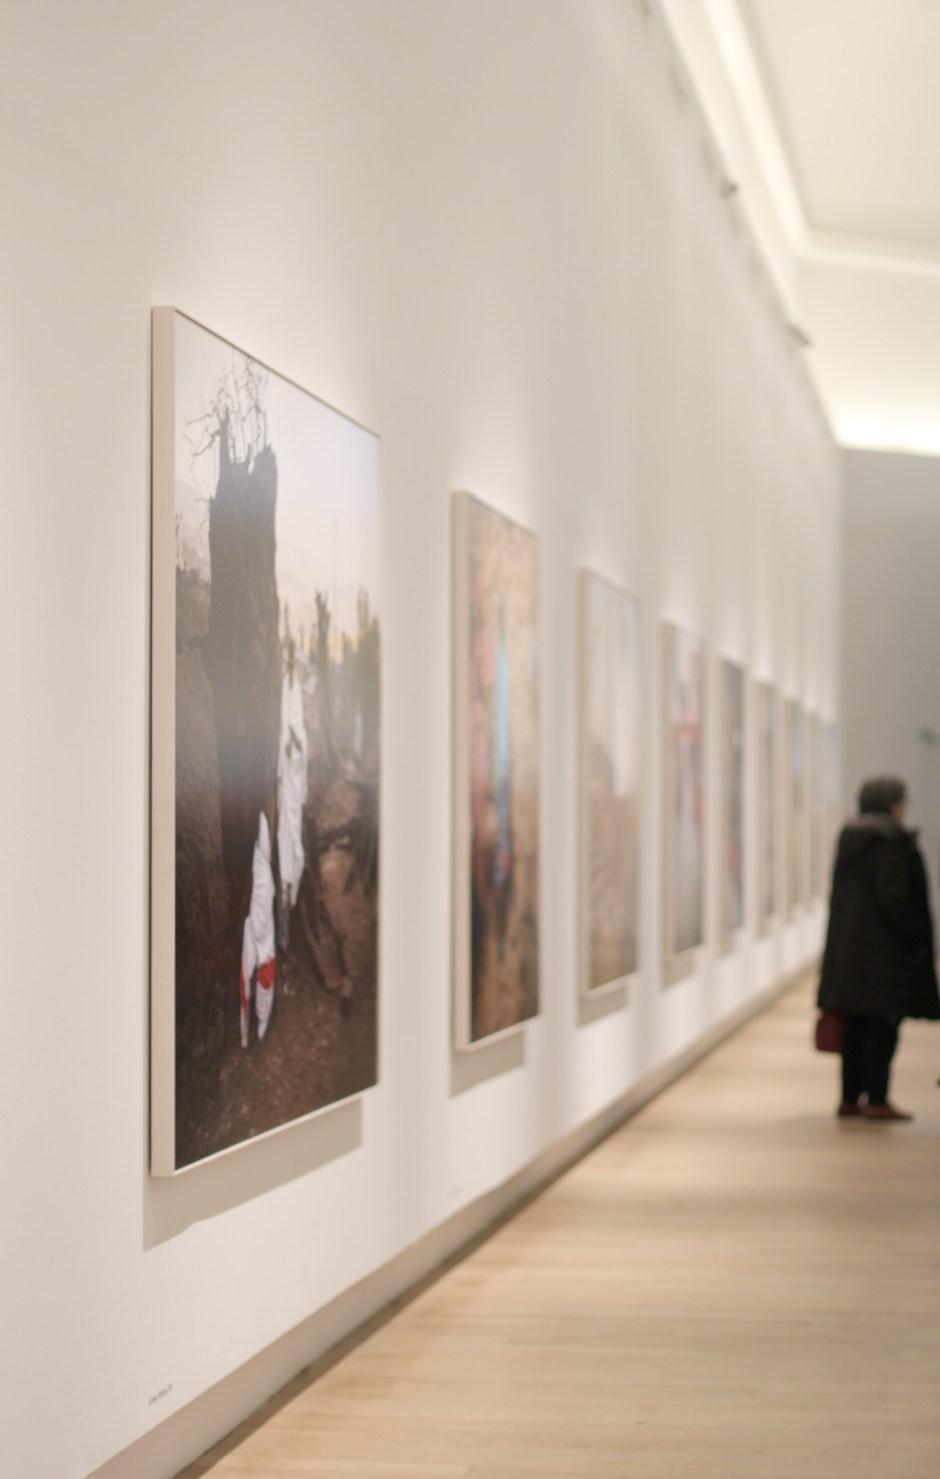 Raymond Depardon, Grand Palais